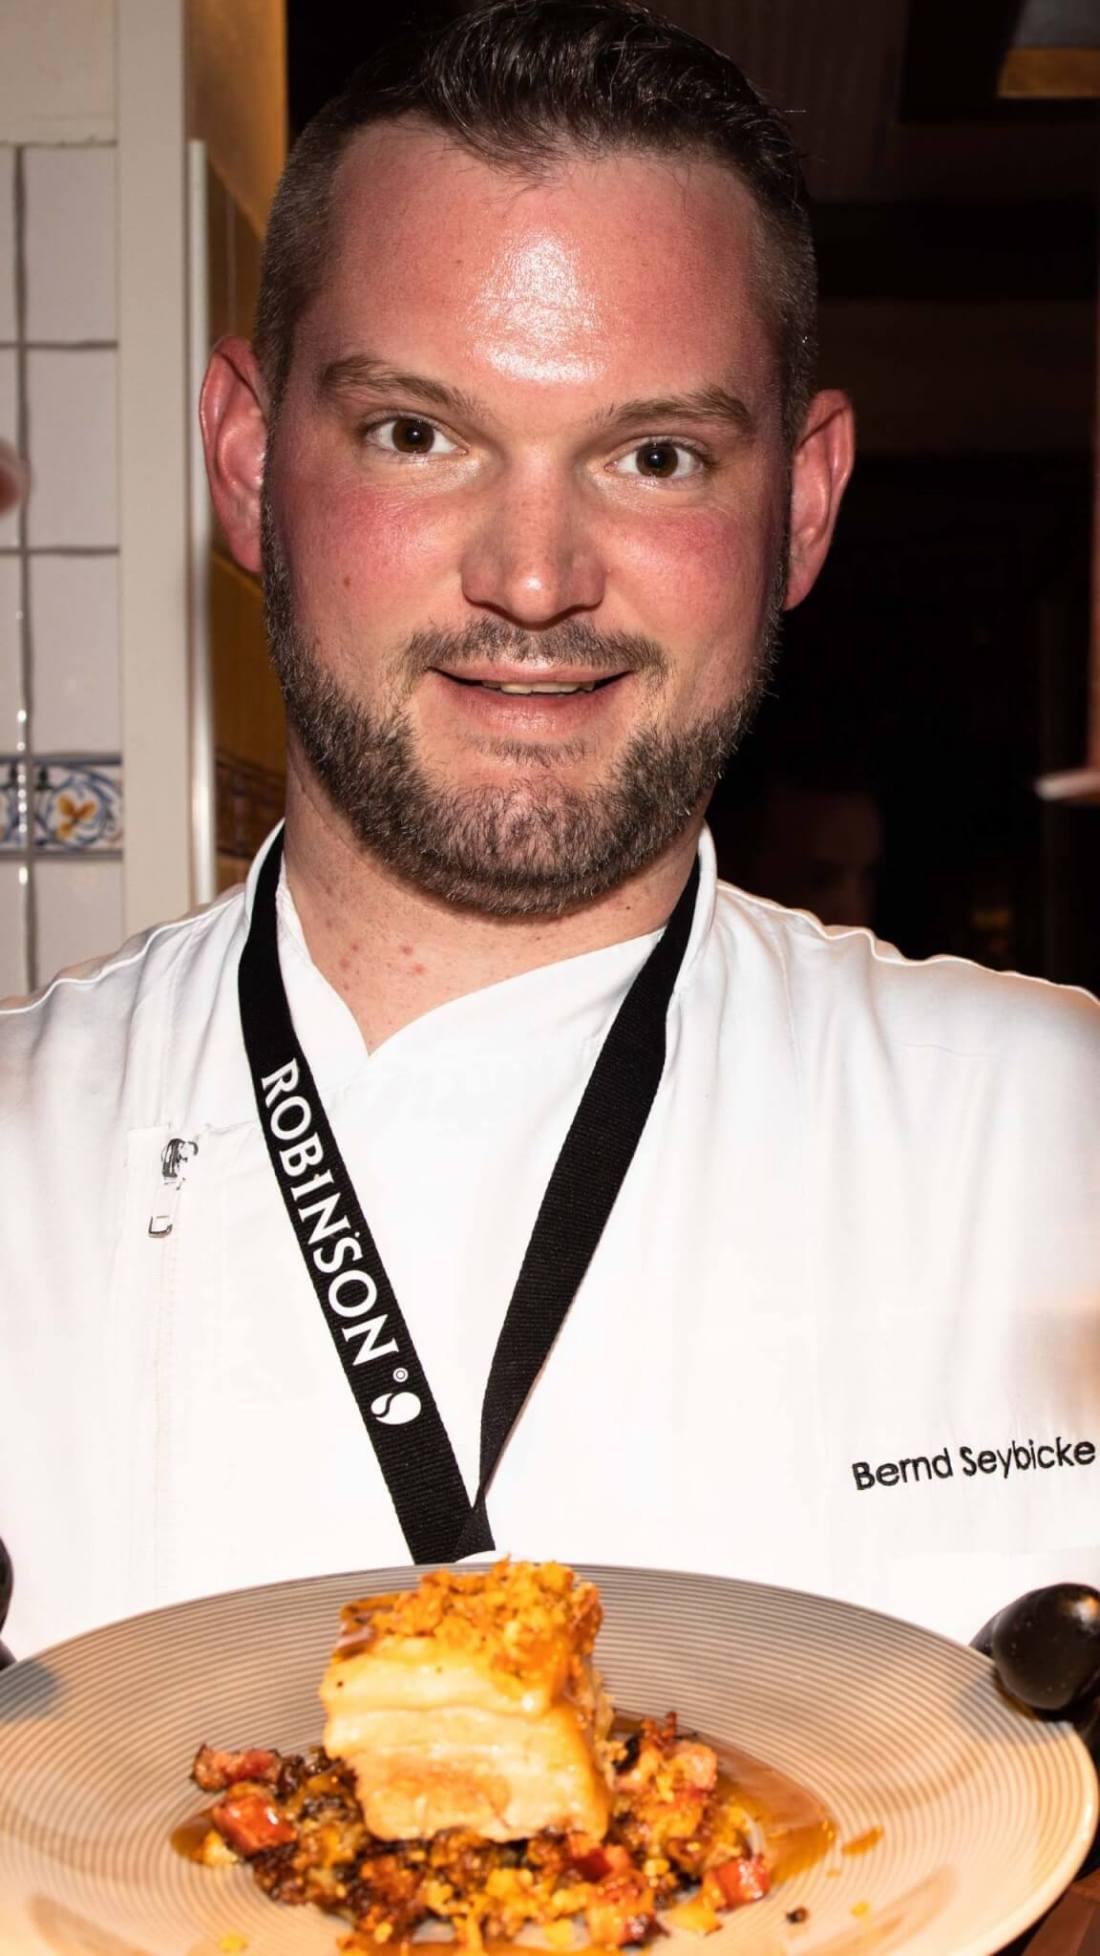 Chefkoch Bernd Seybicke im ROBINSON Club Arosa